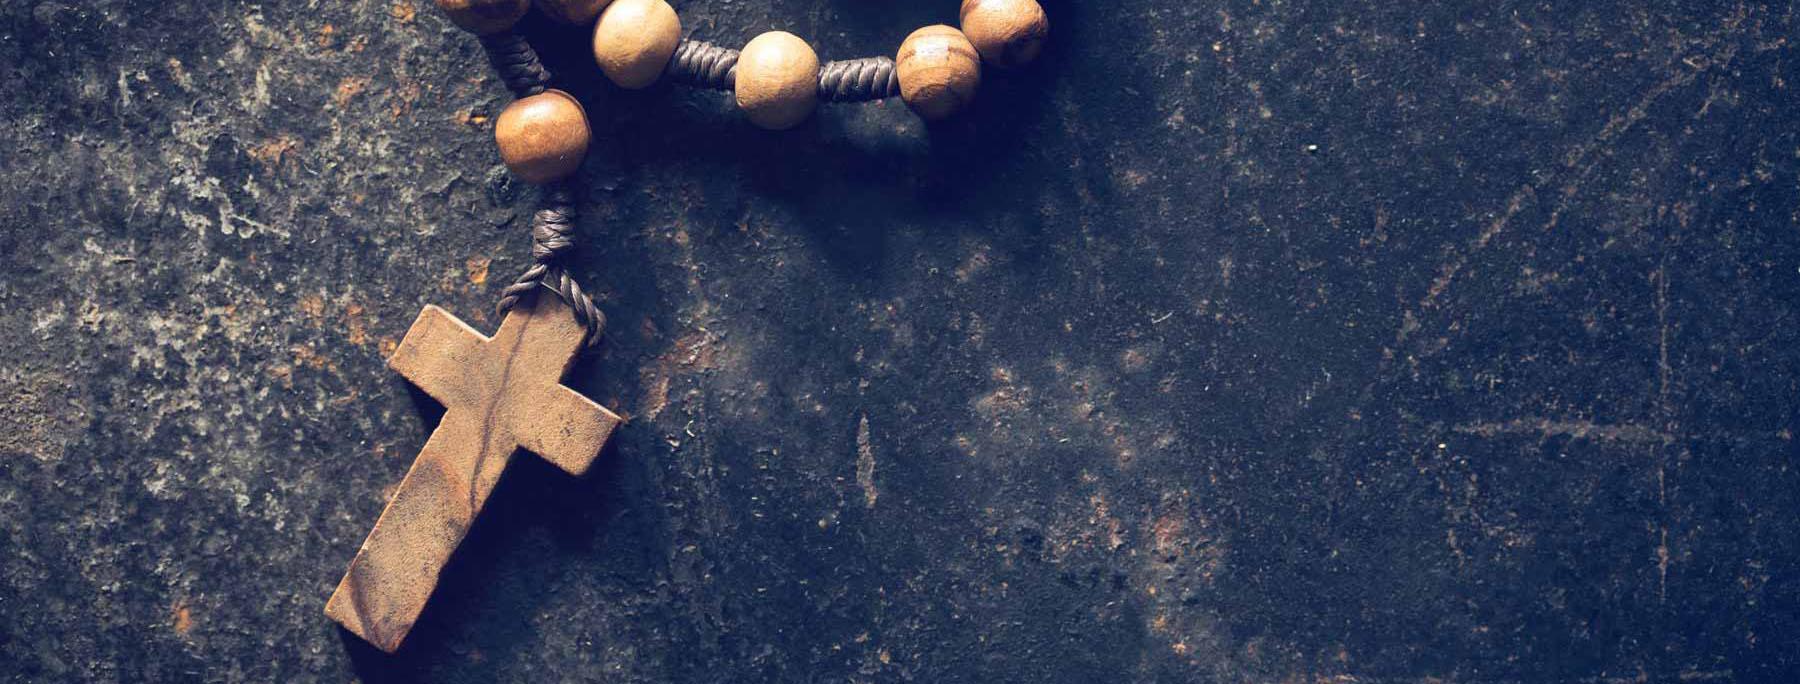 katolički zaručnici za druženje znakovi zlostavljanja izlazaka